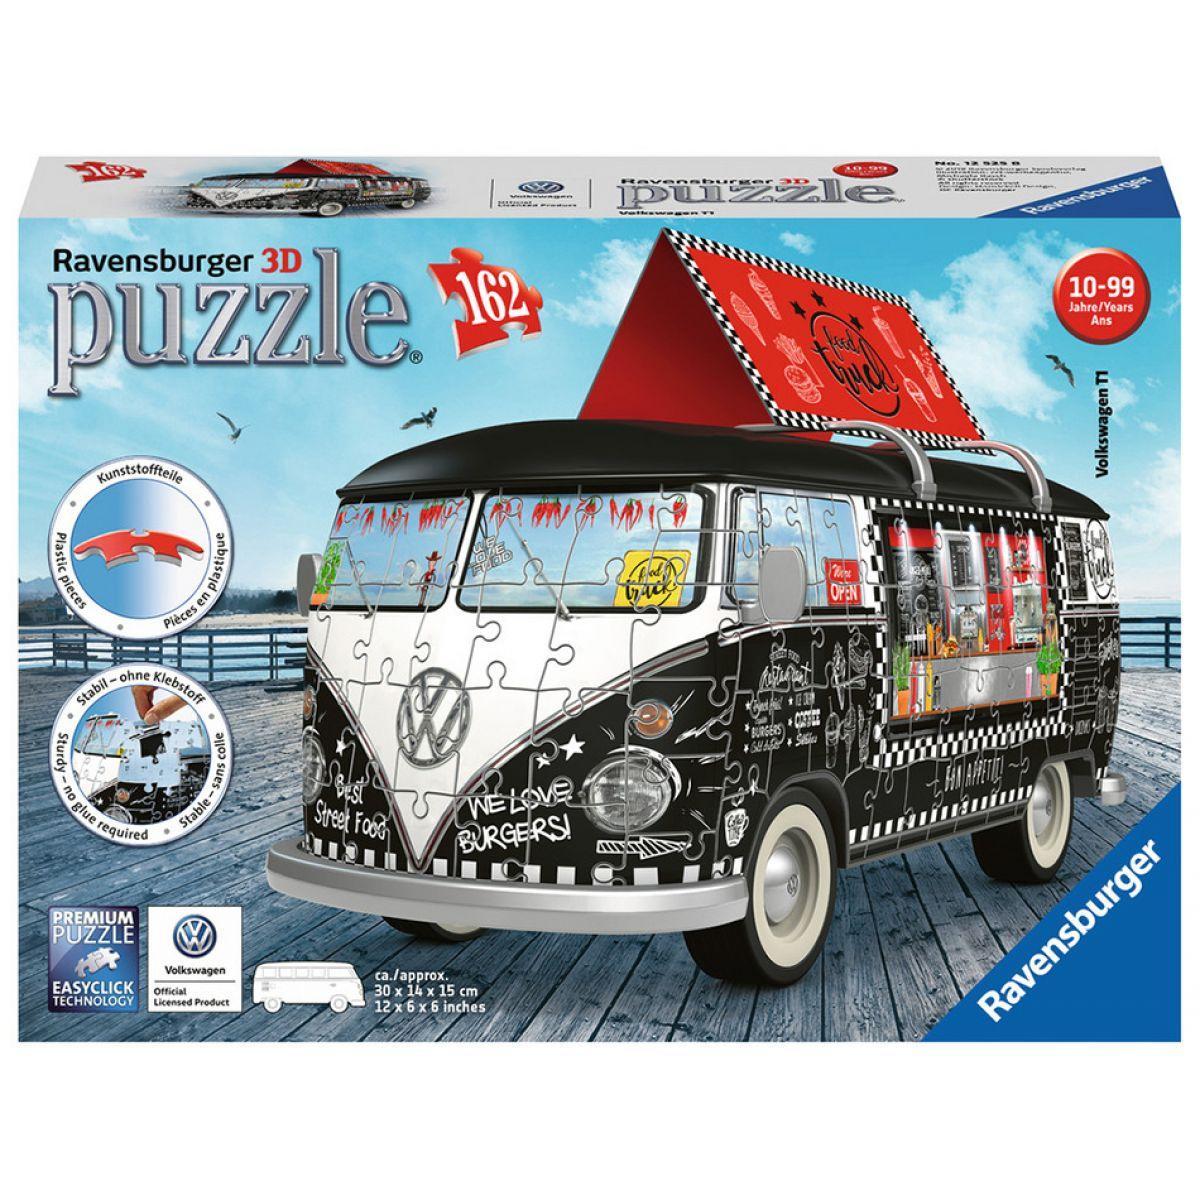 Ravensburger 3D Puzzle 125258 VW Autobus pojízdné občerstvení 162 dílků